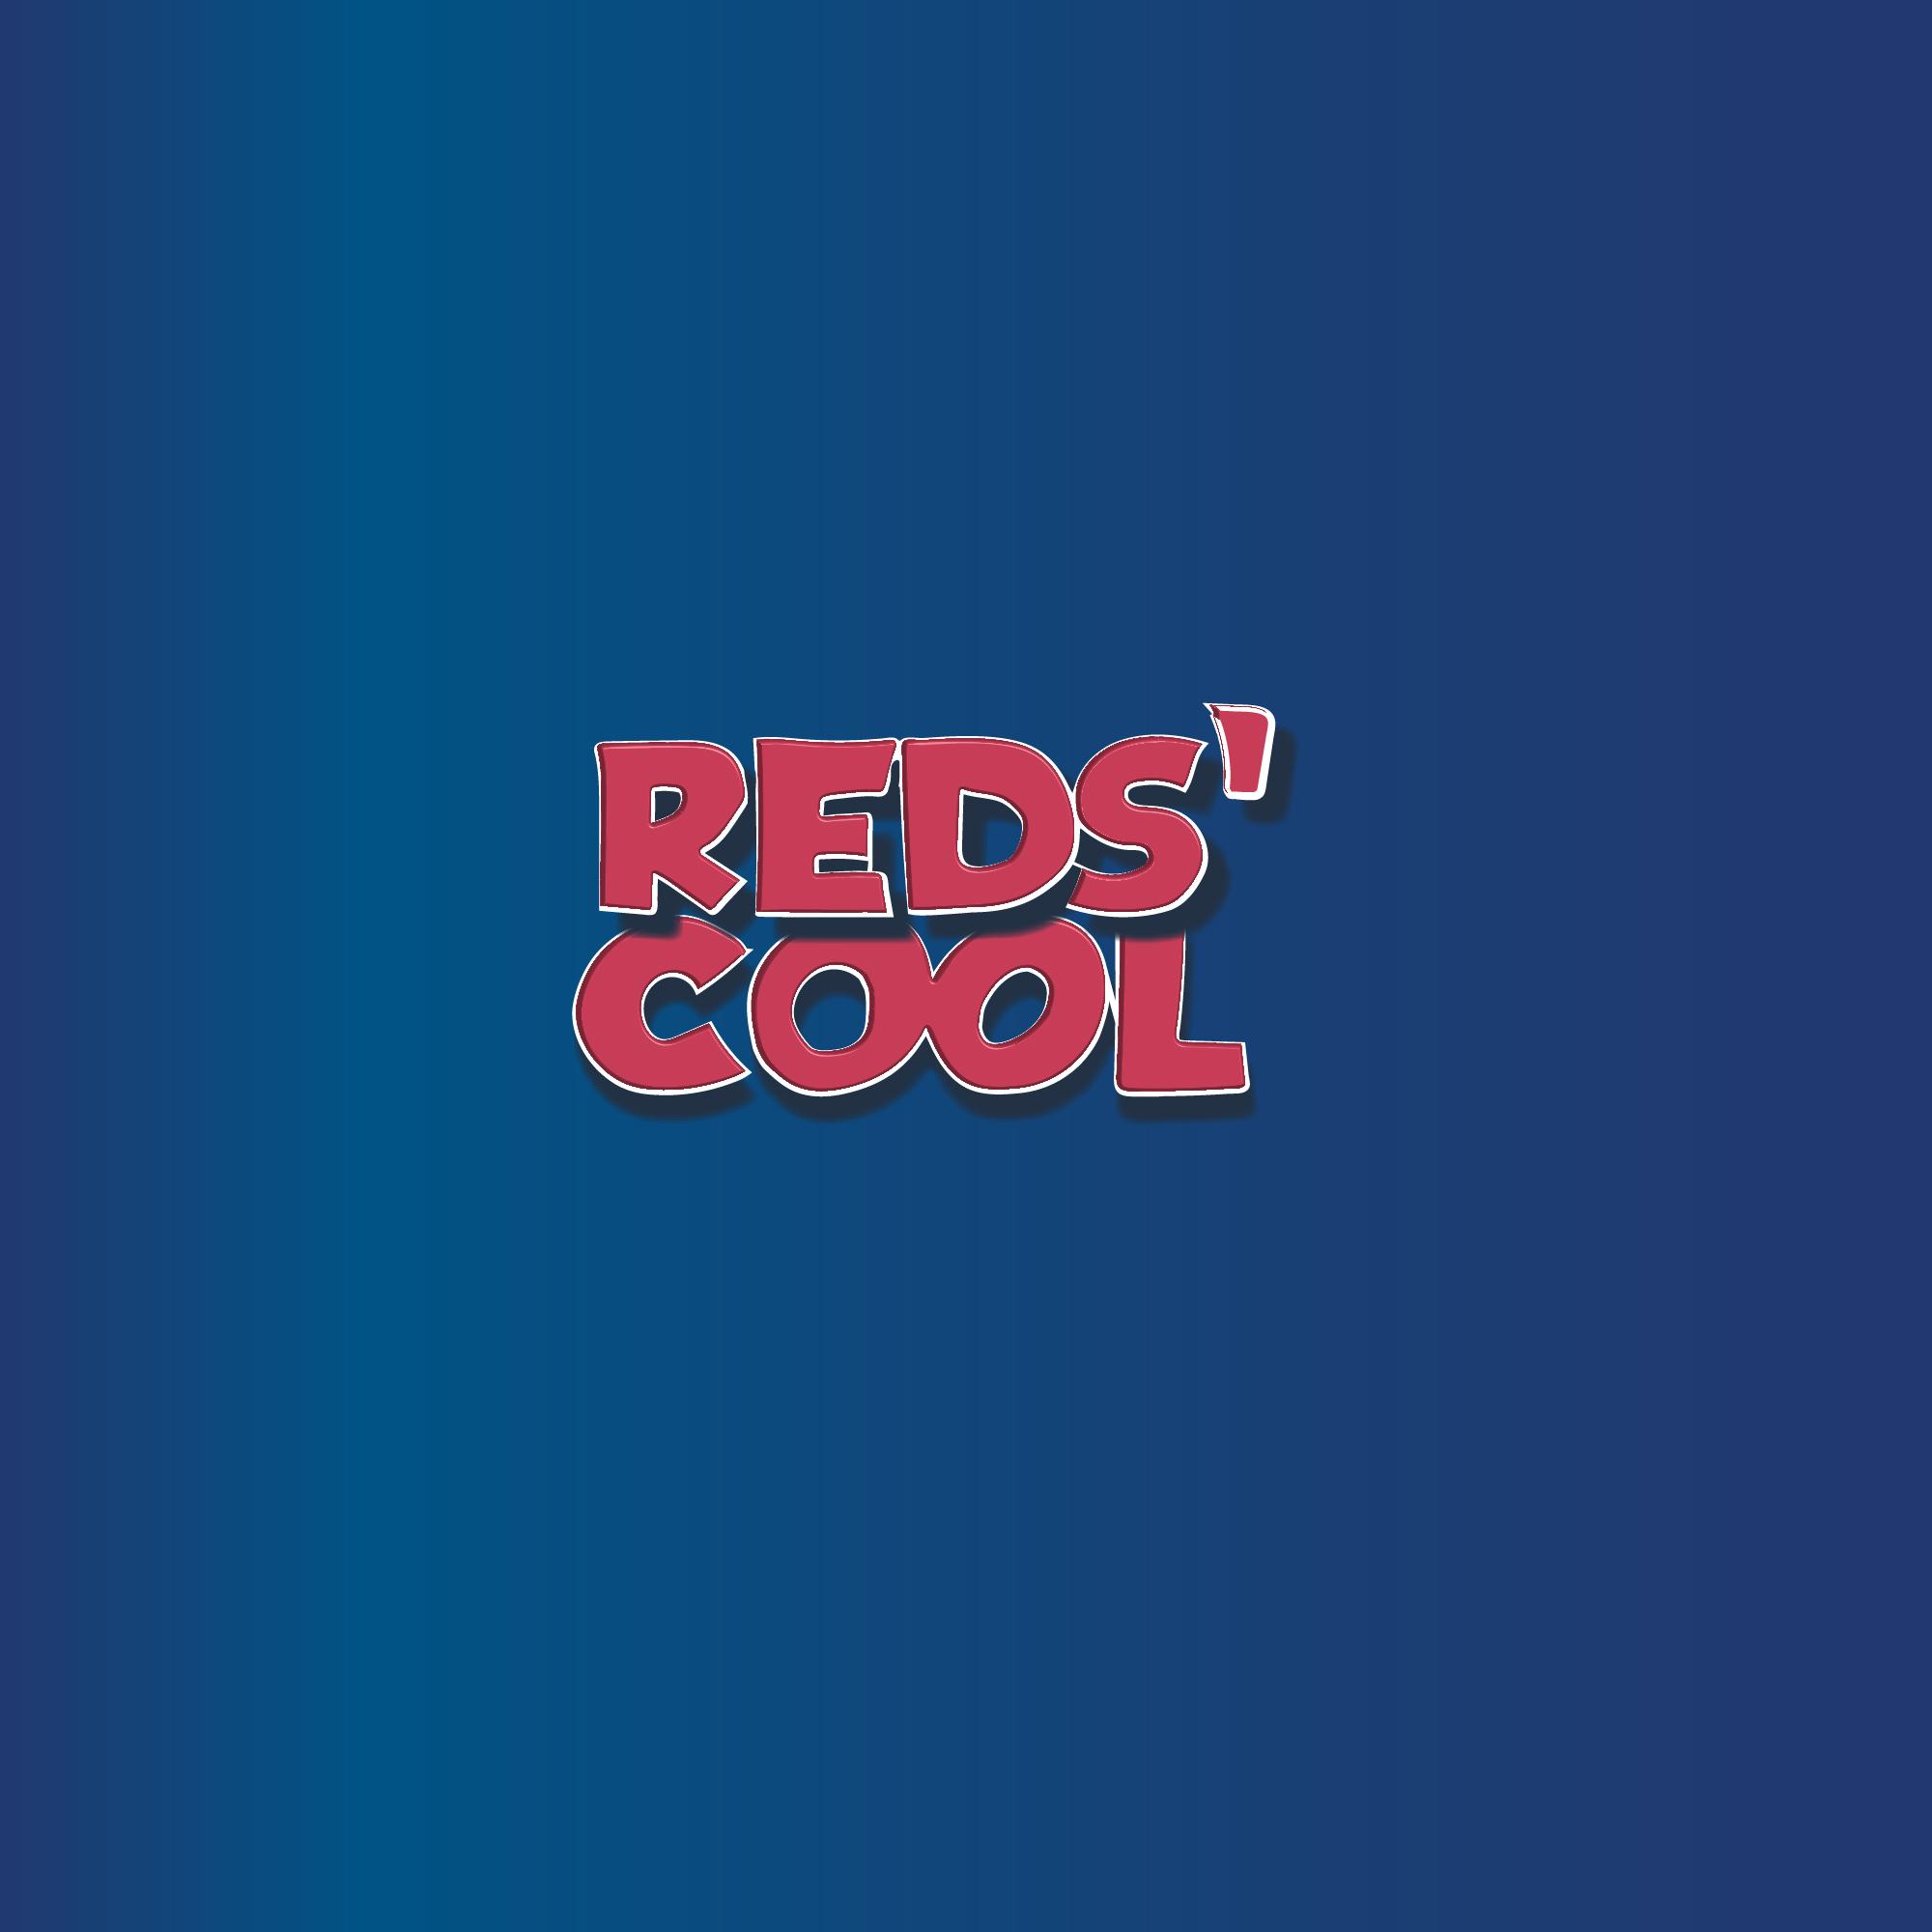 Логотип для музыкальной группы фото f_3665a5256ed06943.jpg